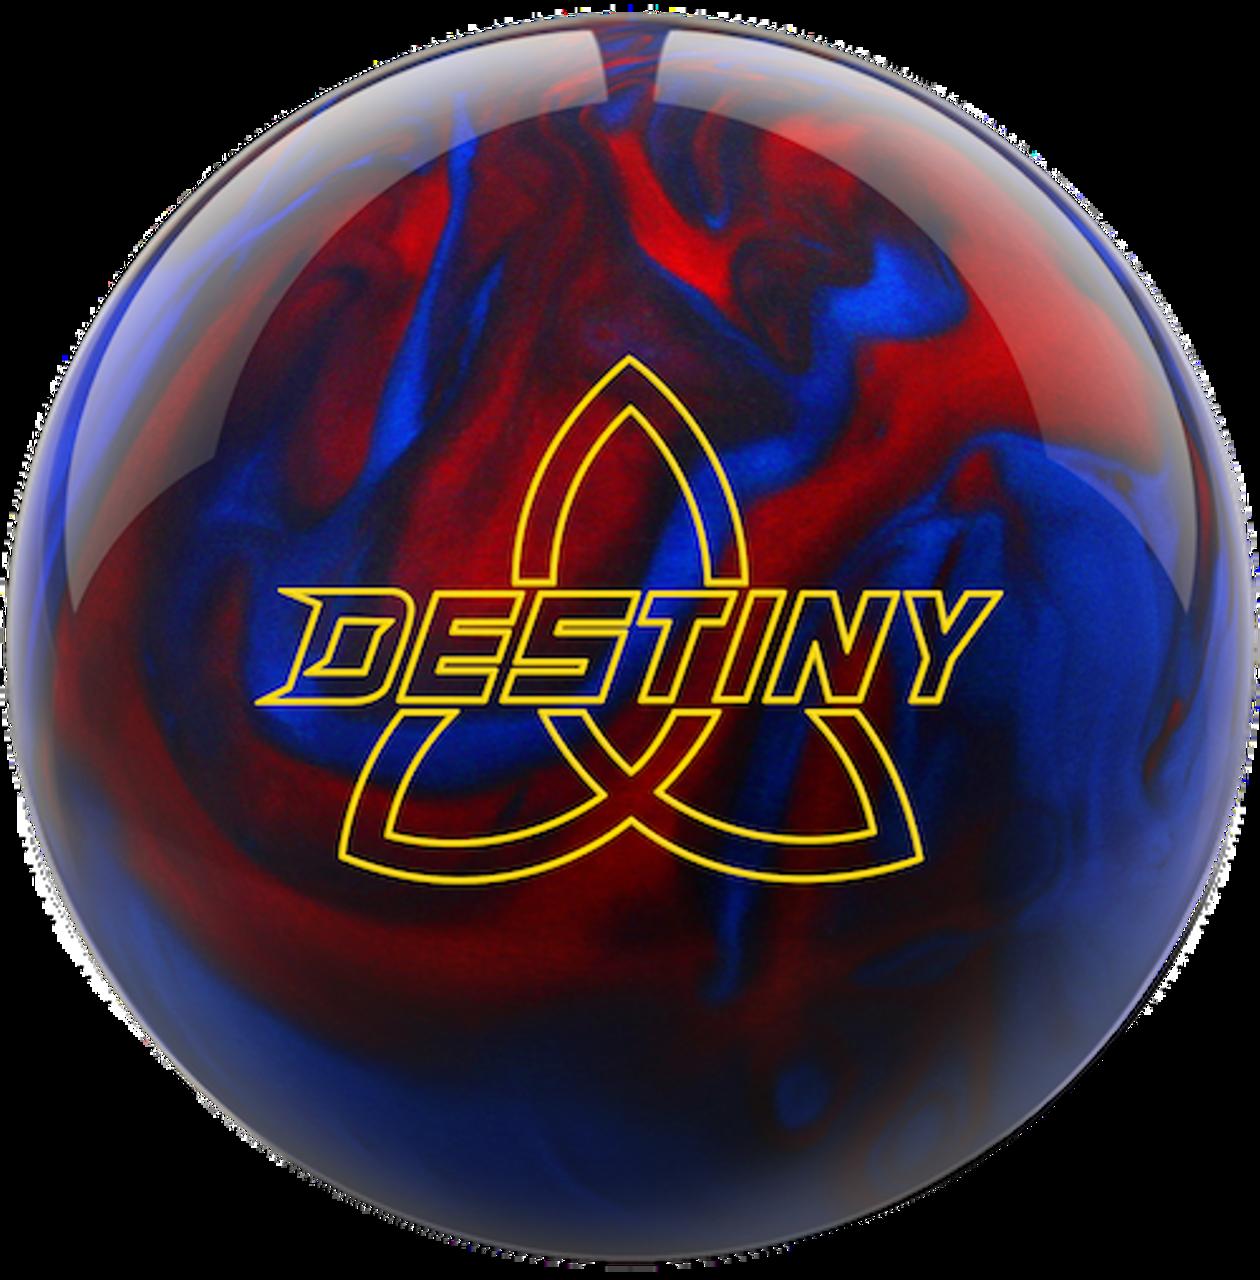 Ebonite Destiny Pearl Black/Red/Blue Bowling Ball